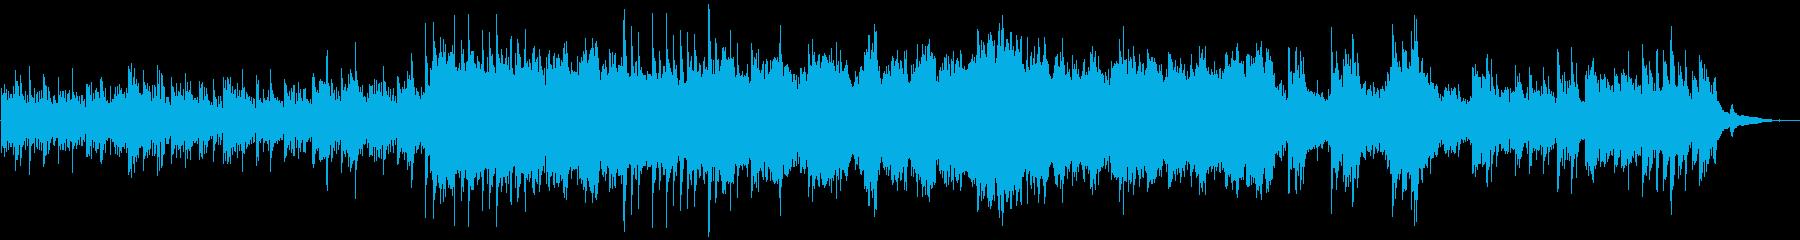 アンビエントでリラクゼーションな曲の再生済みの波形